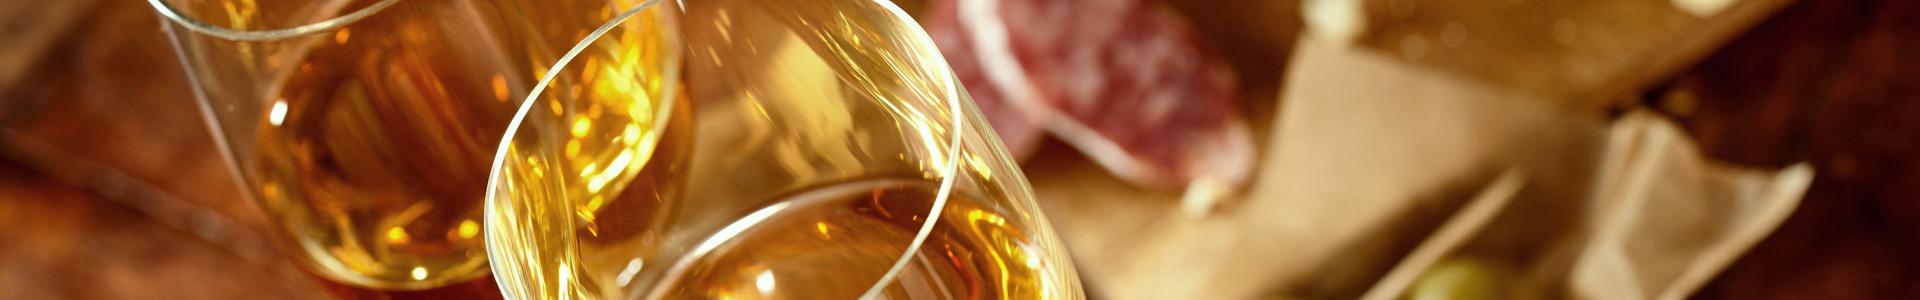 Sherry en Vermouth